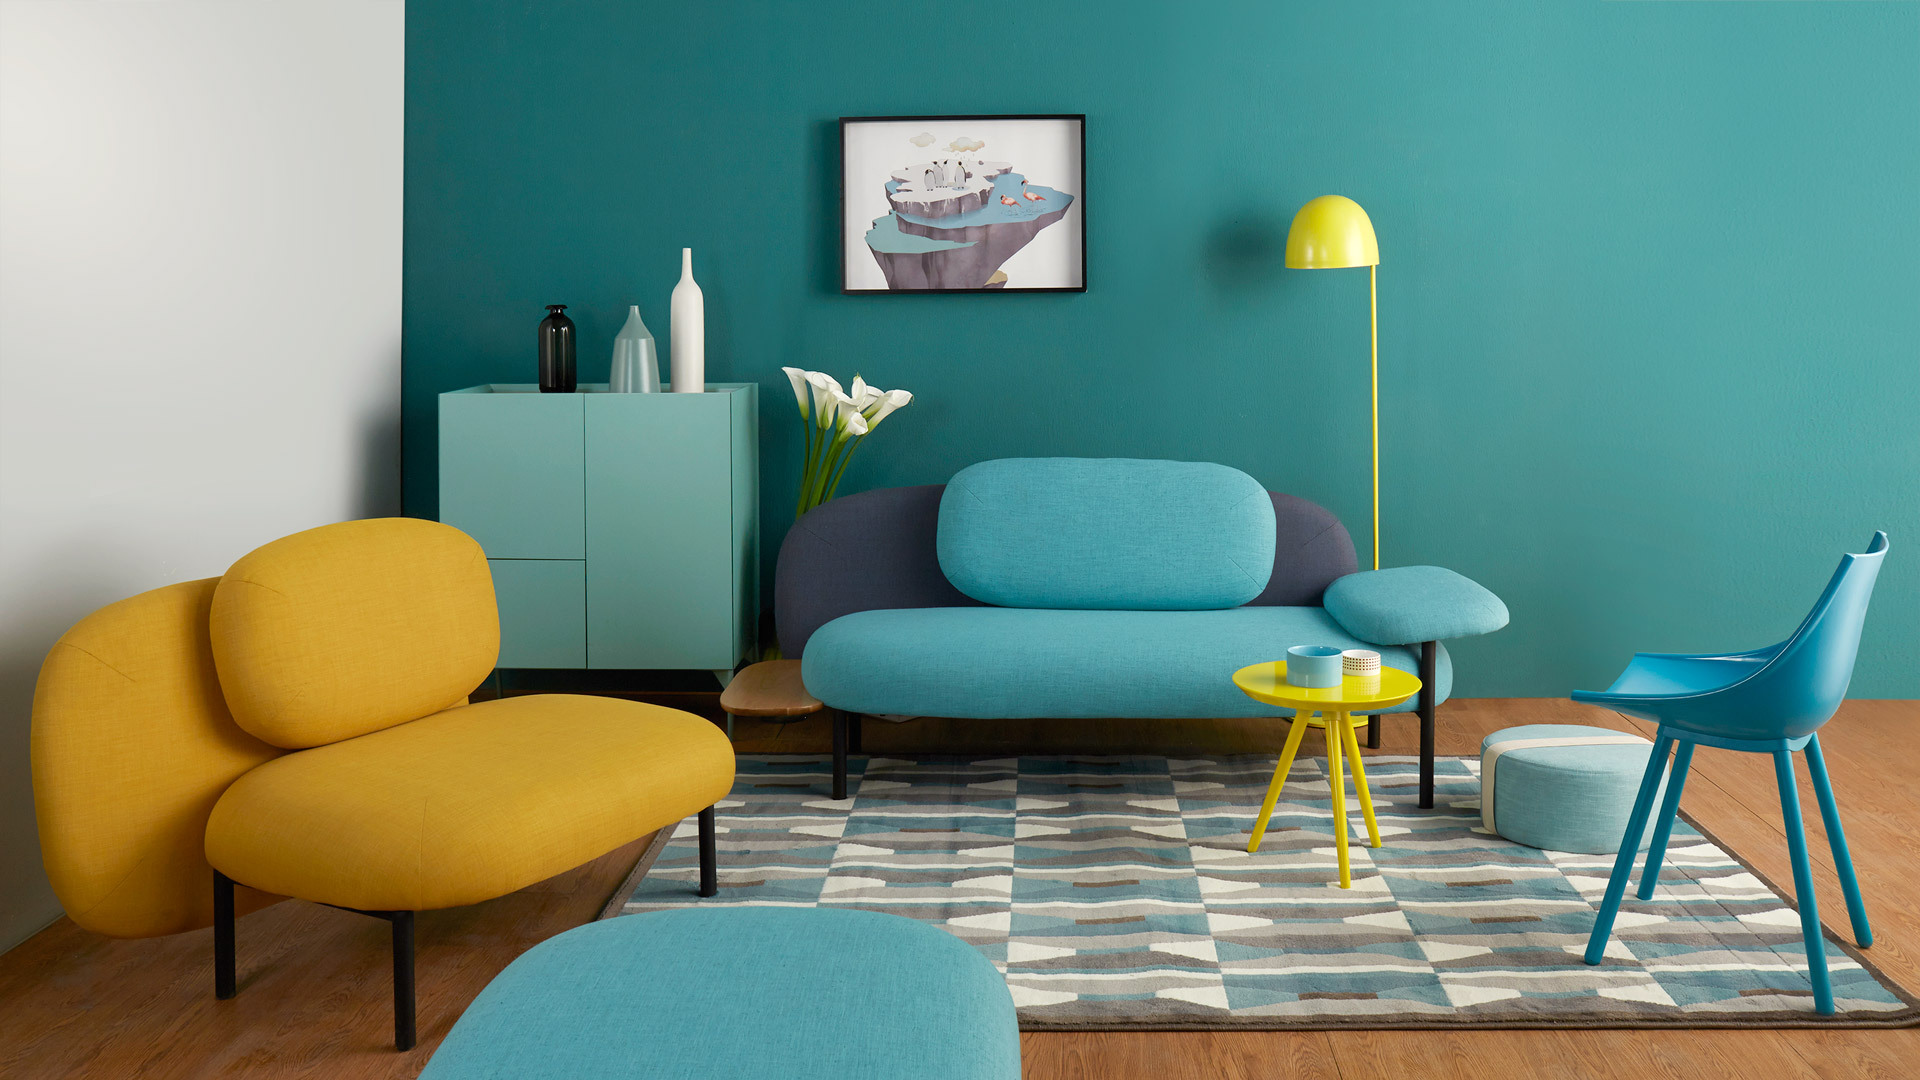 柠黄、桃粉、云白三种粉糯色彩之选,用每一眼地怦然心动,焕发居室空间柔和、不跳脱的点睛之笔。